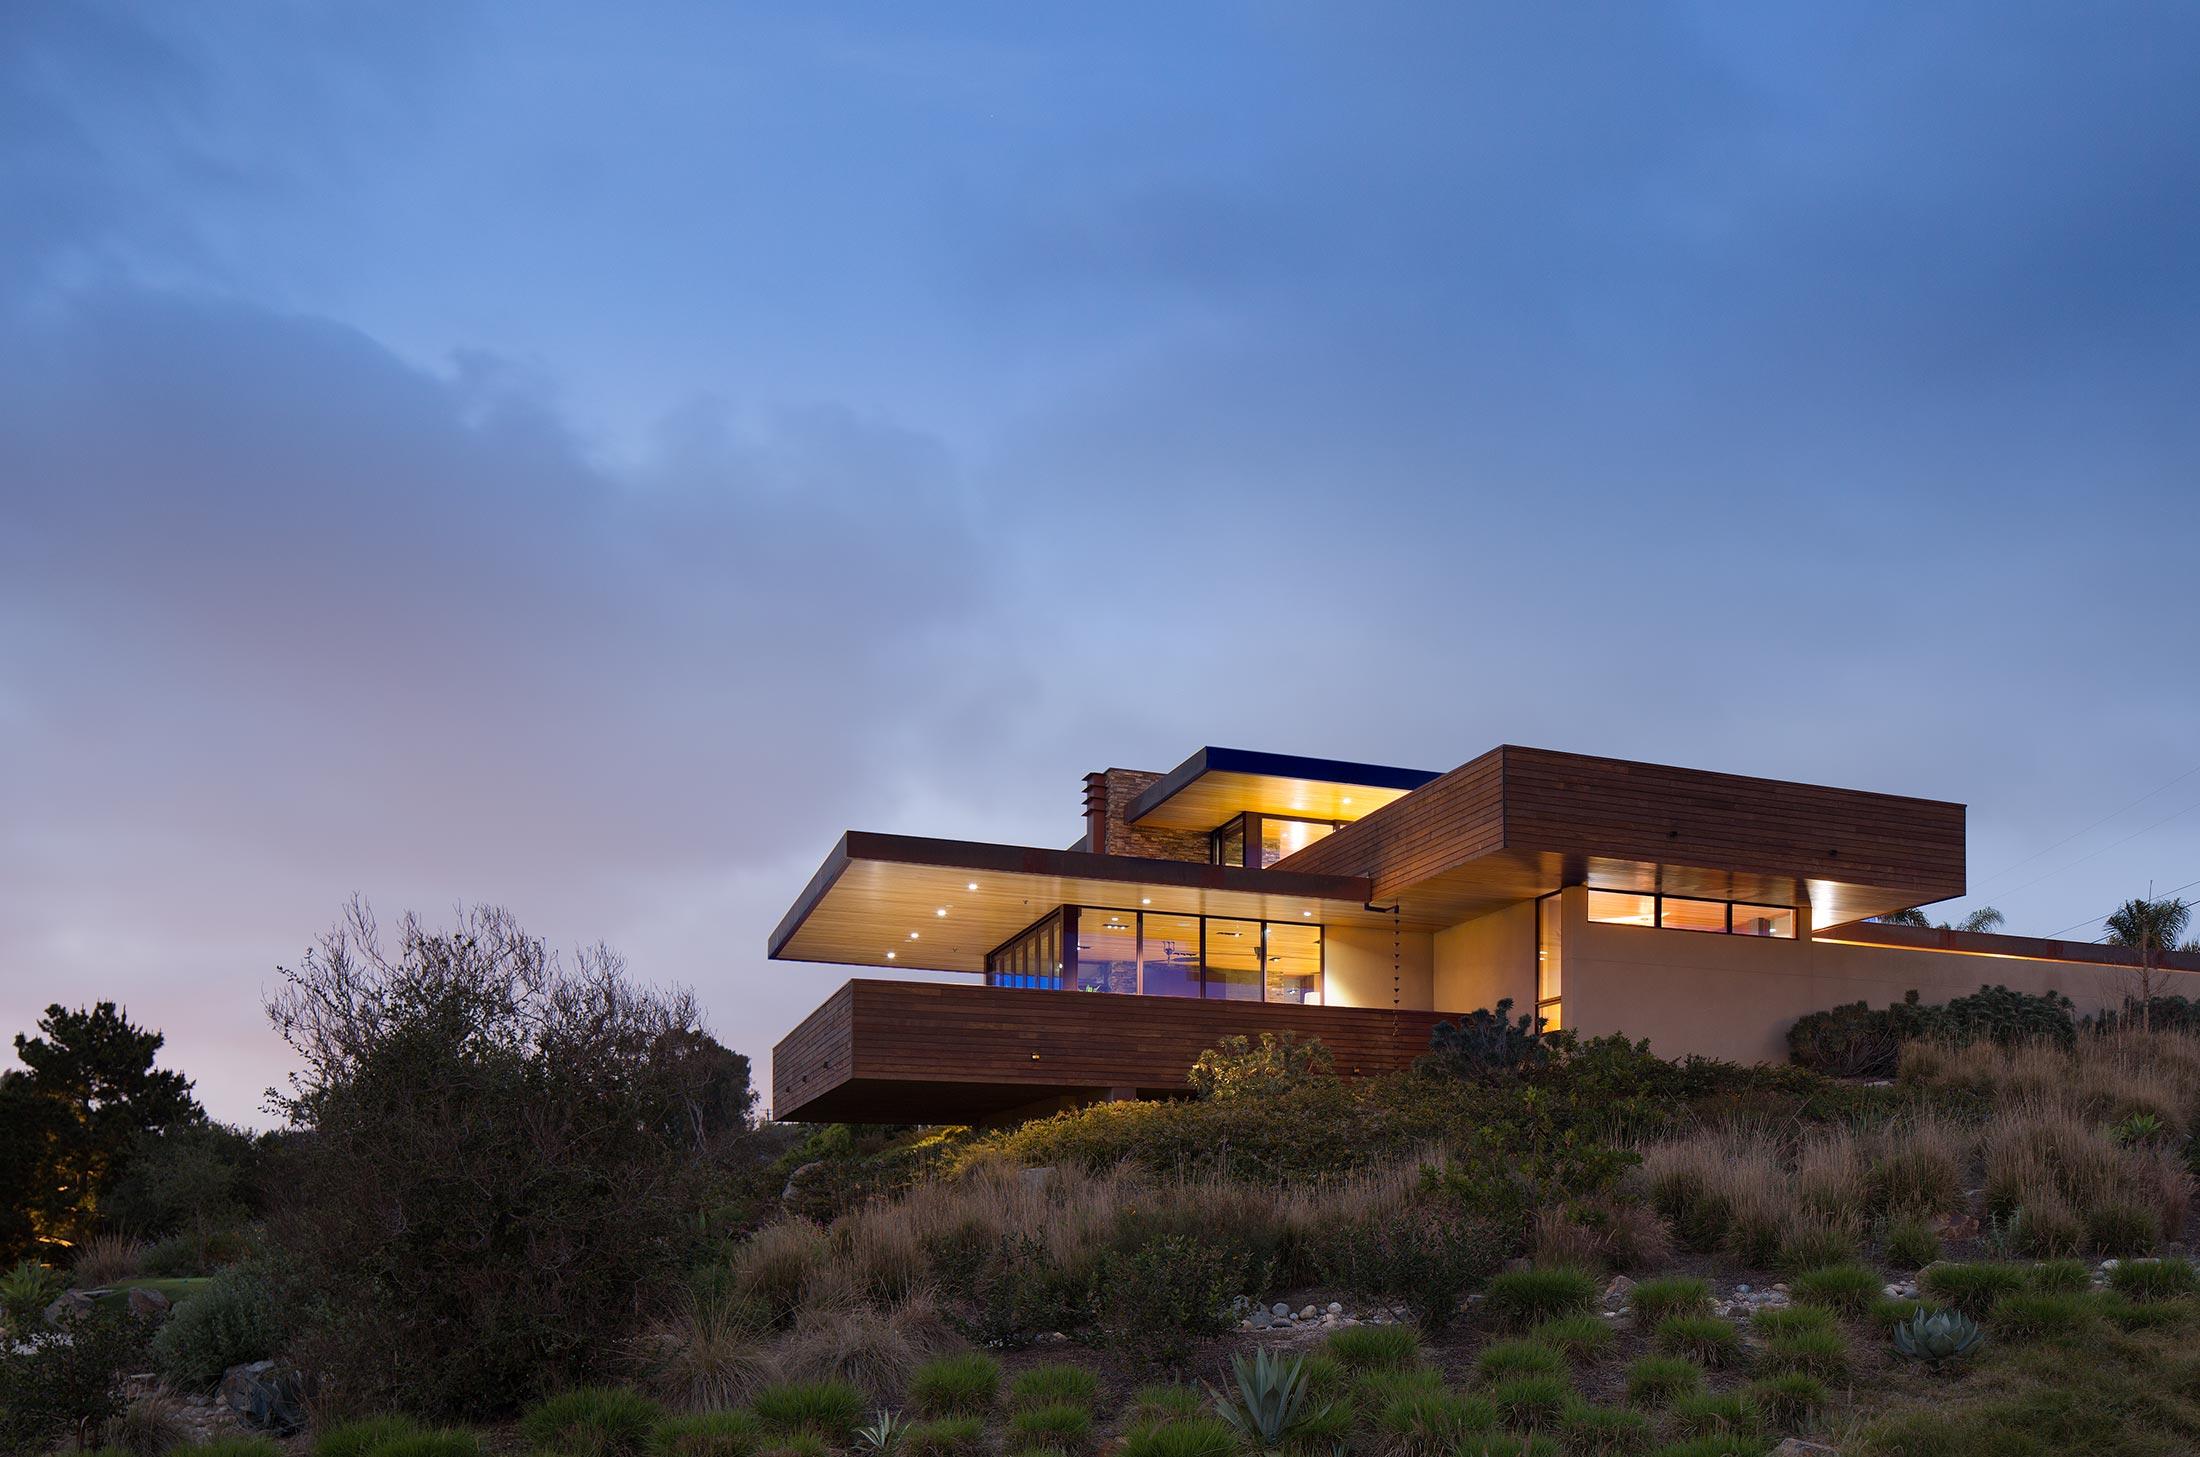 residential-architecture-domusstudio